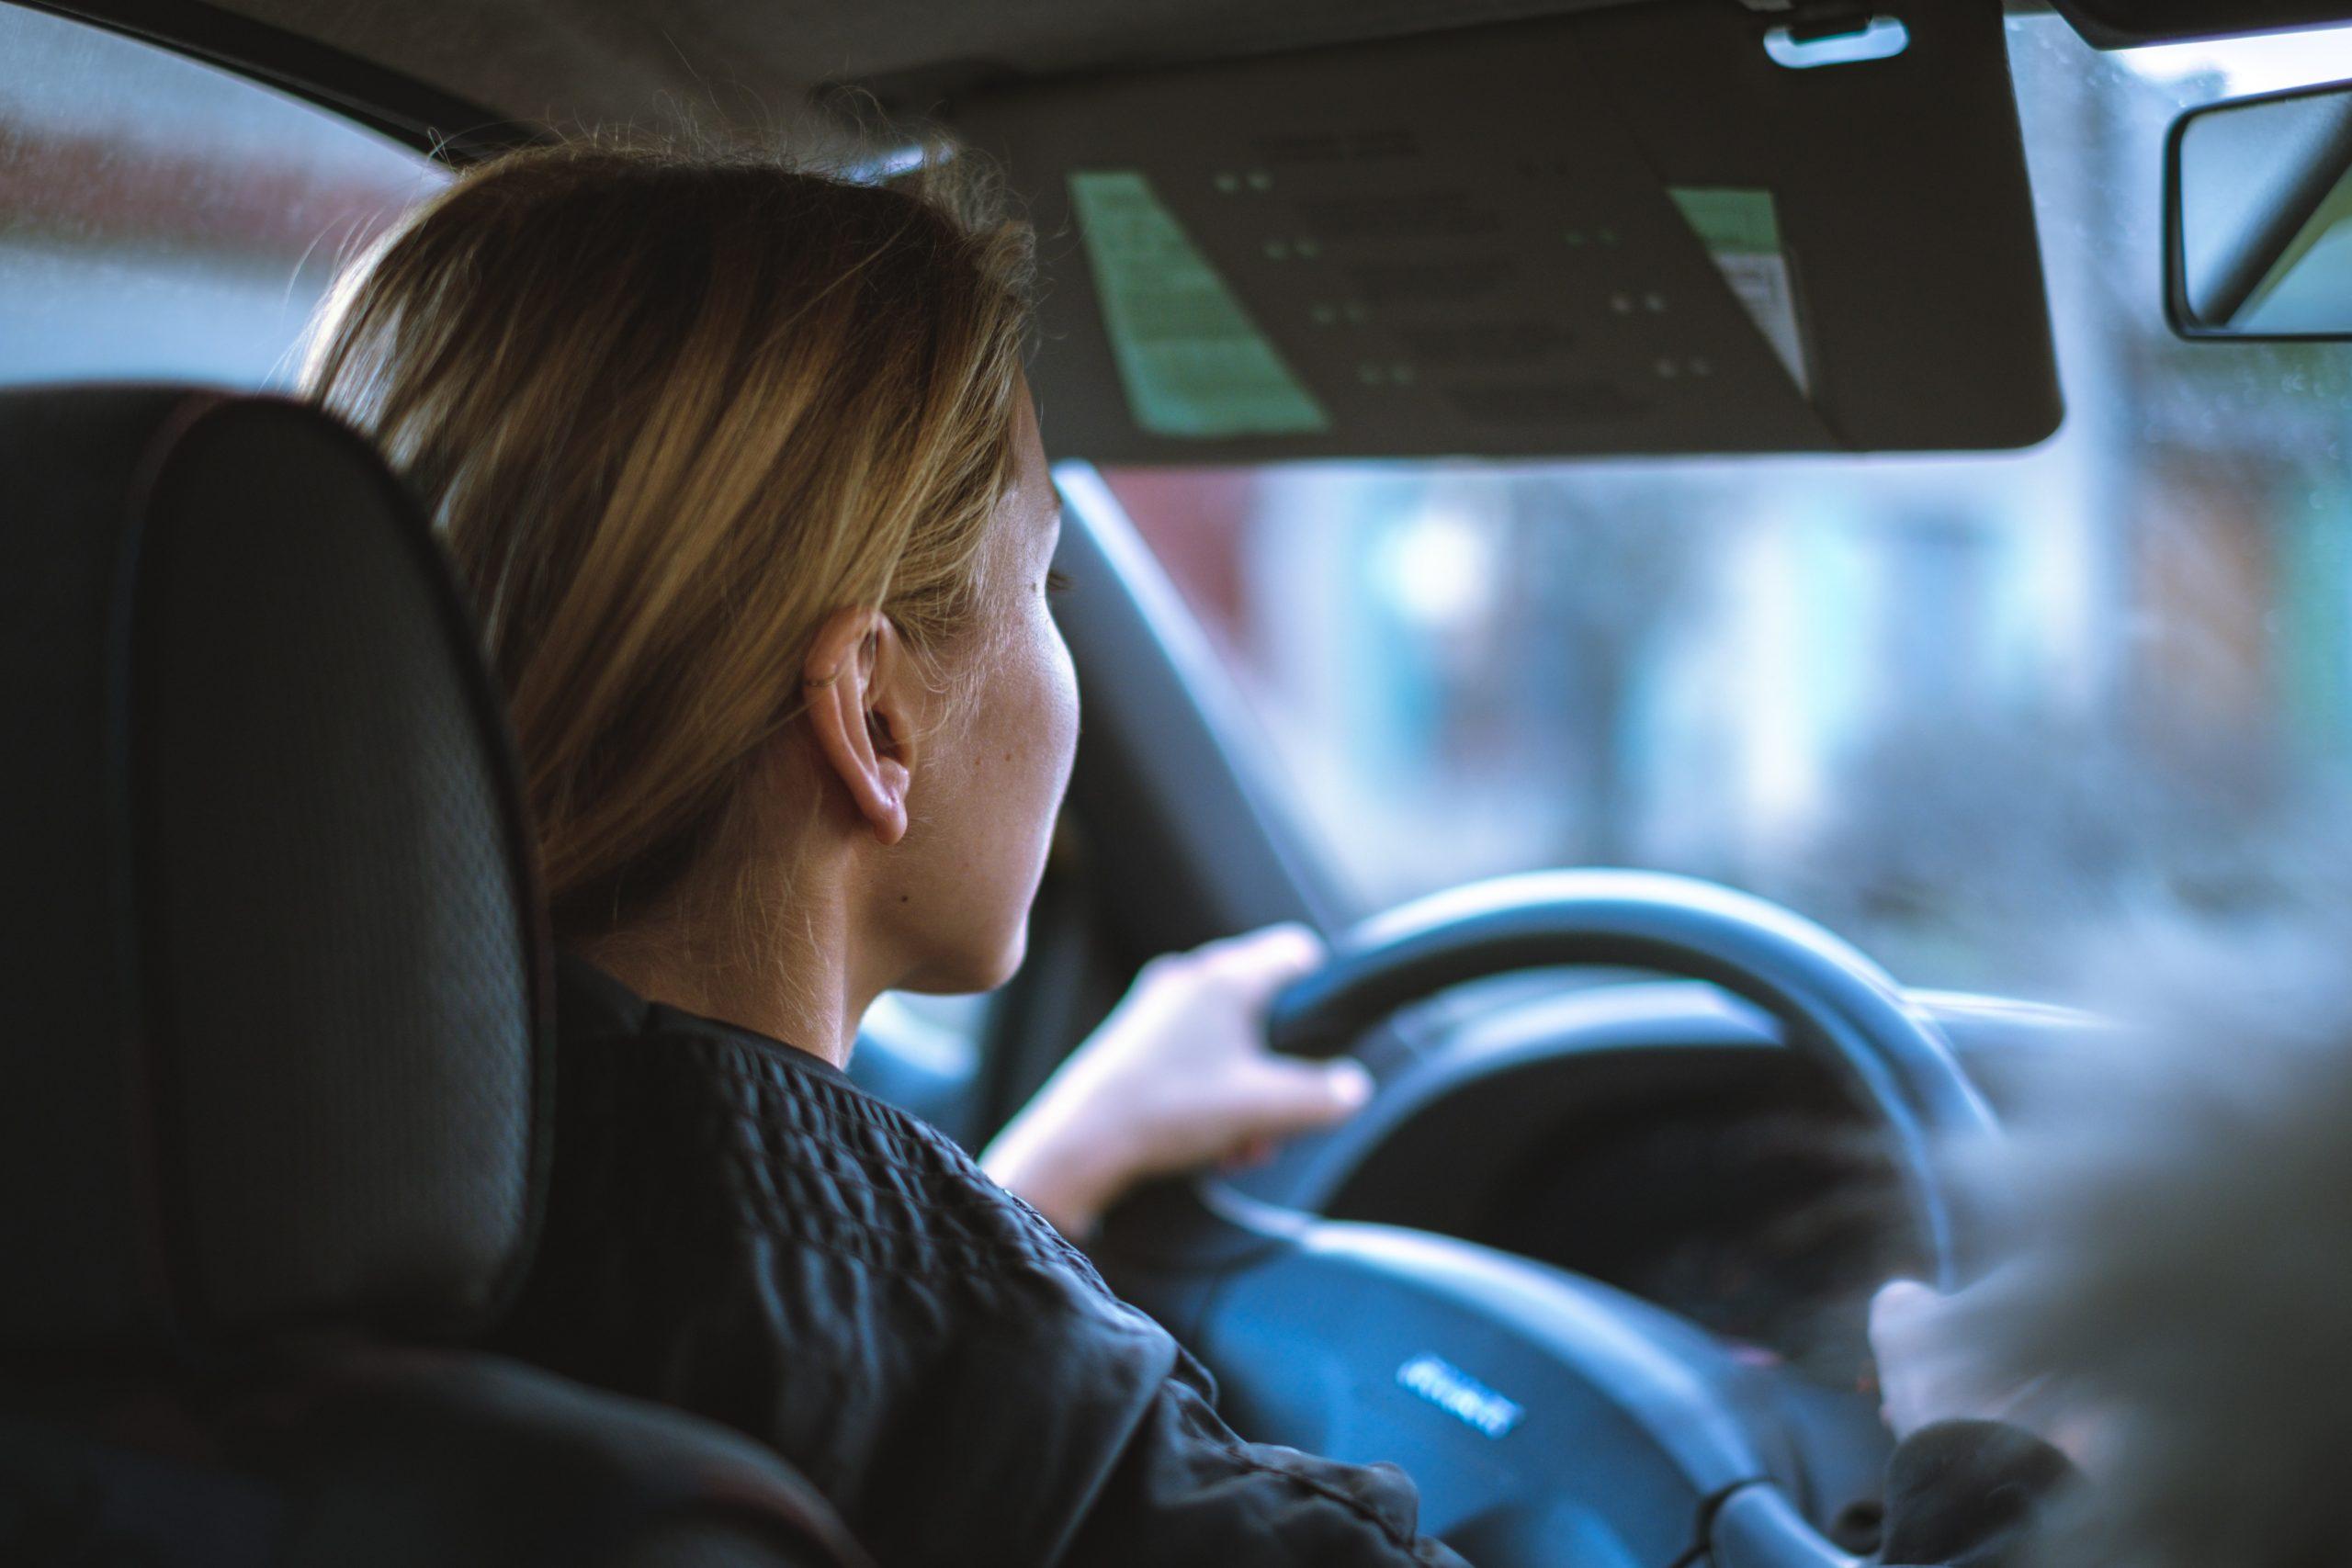 Žena šoféruje auto